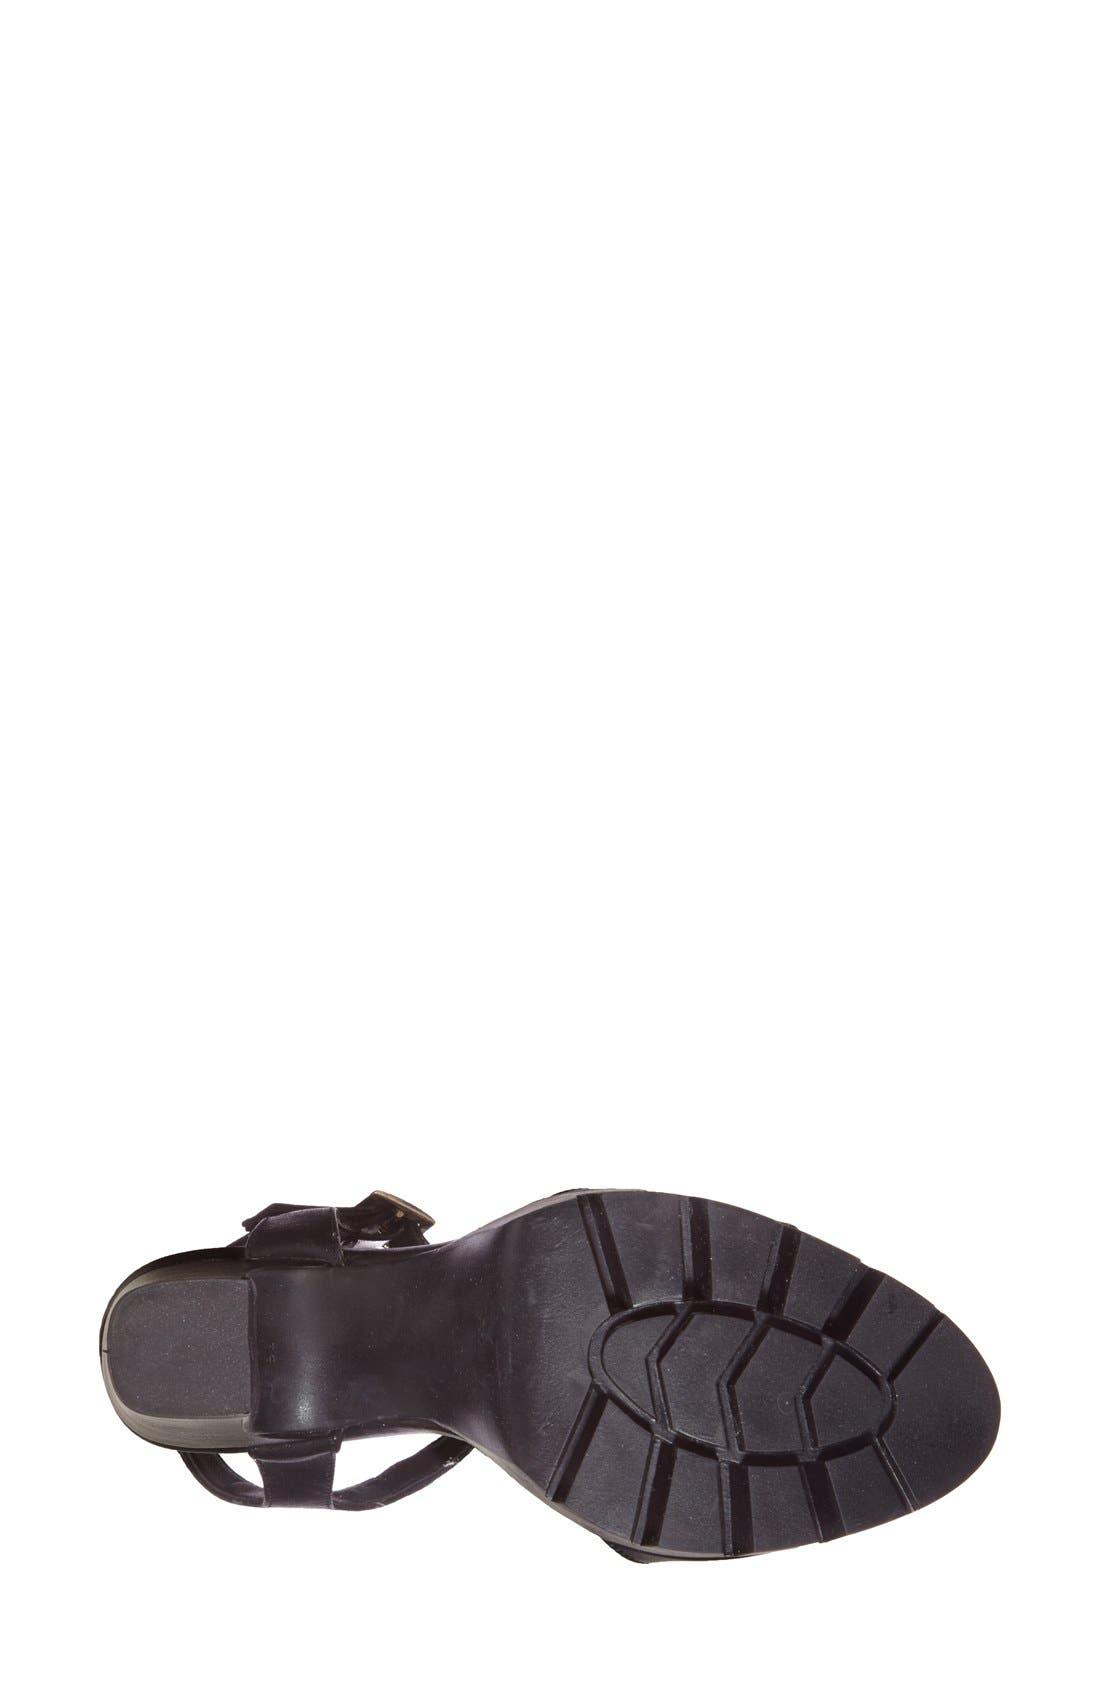 Alternate Image 4  - Steve Madden 'Traiin' Platform Sandal (Women)